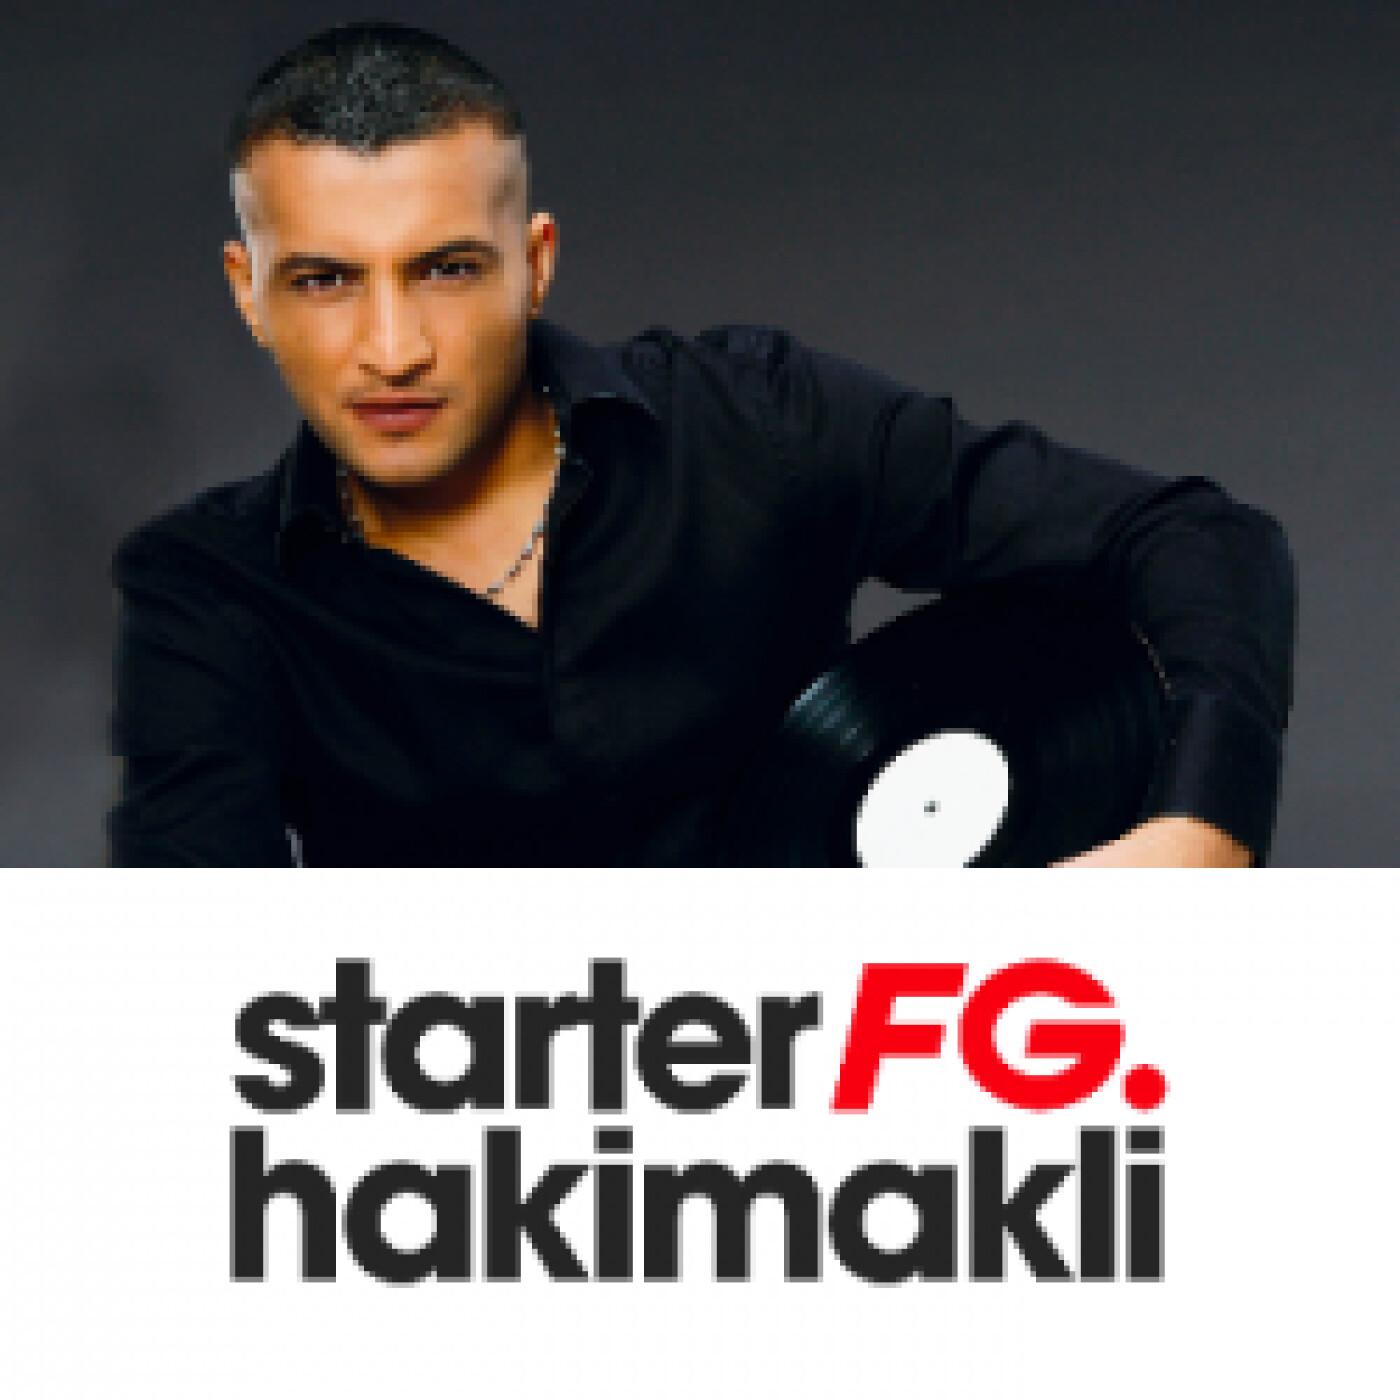 STARTER FG BY HAKIMAKLI JEUDI 25 FEVRIER 2021